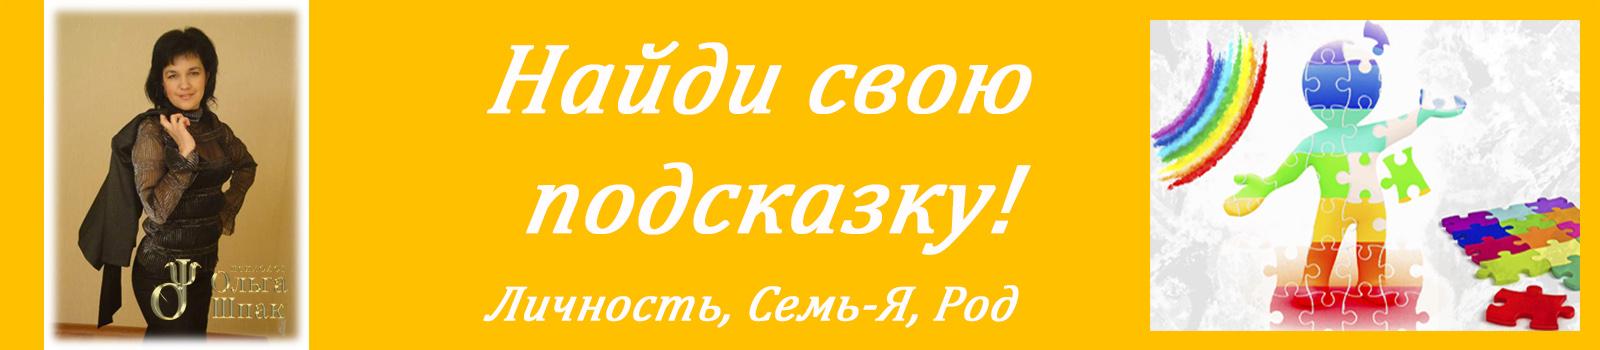 3 - желтый